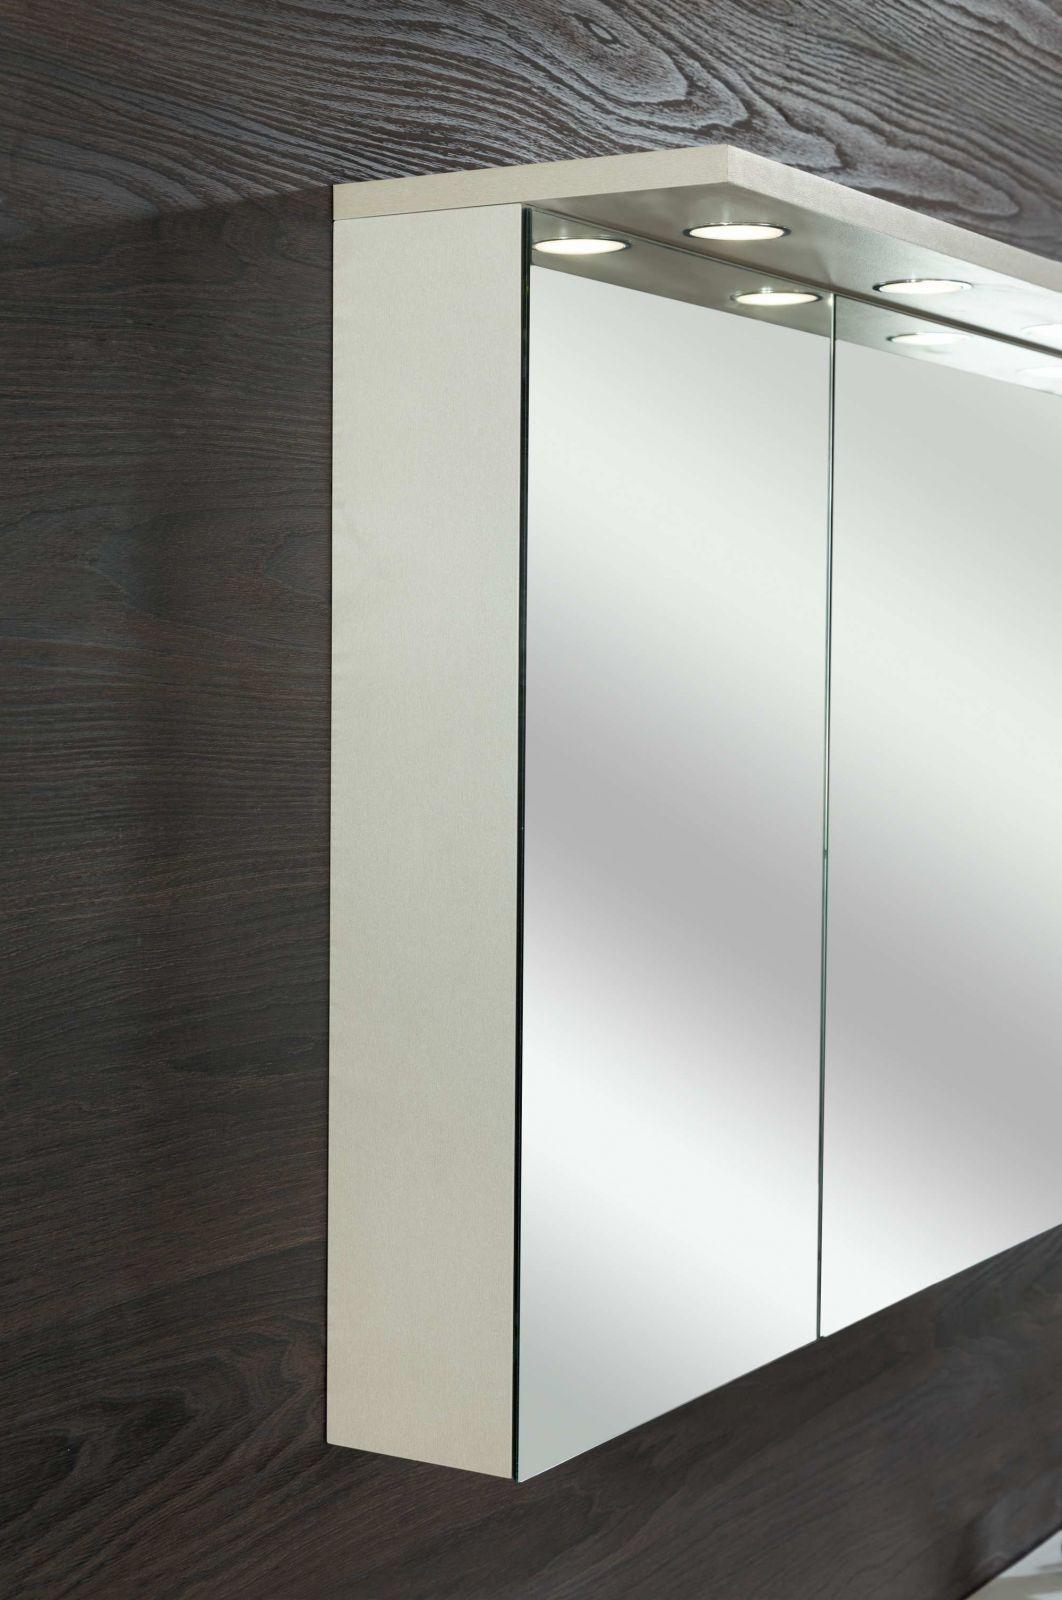 spiegelschr nke led spot badm bel von froidevaux f r ihr bad. Black Bedroom Furniture Sets. Home Design Ideas